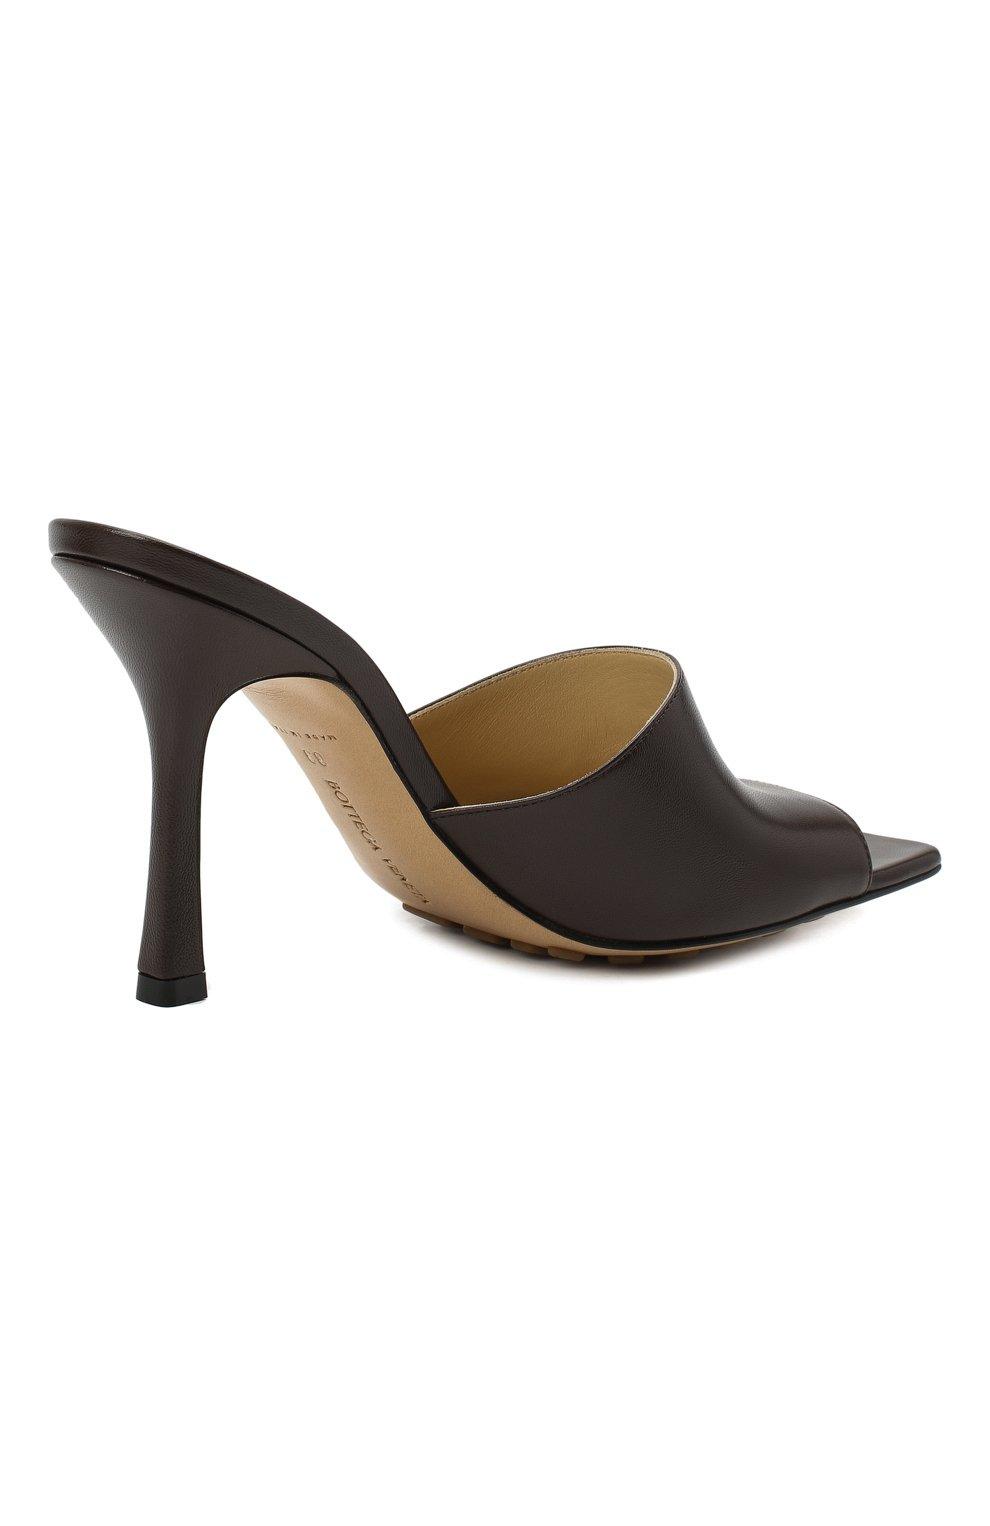 Женские кожаные мюли the stretch BOTTEGA VENETA коричневого цвета, арт. 610538/VBSF0 | Фото 5 (Каблук высота: Высокий; Материал внутренний: Натуральная кожа; Каблук тип: Шпилька; Подошва: Плоская)